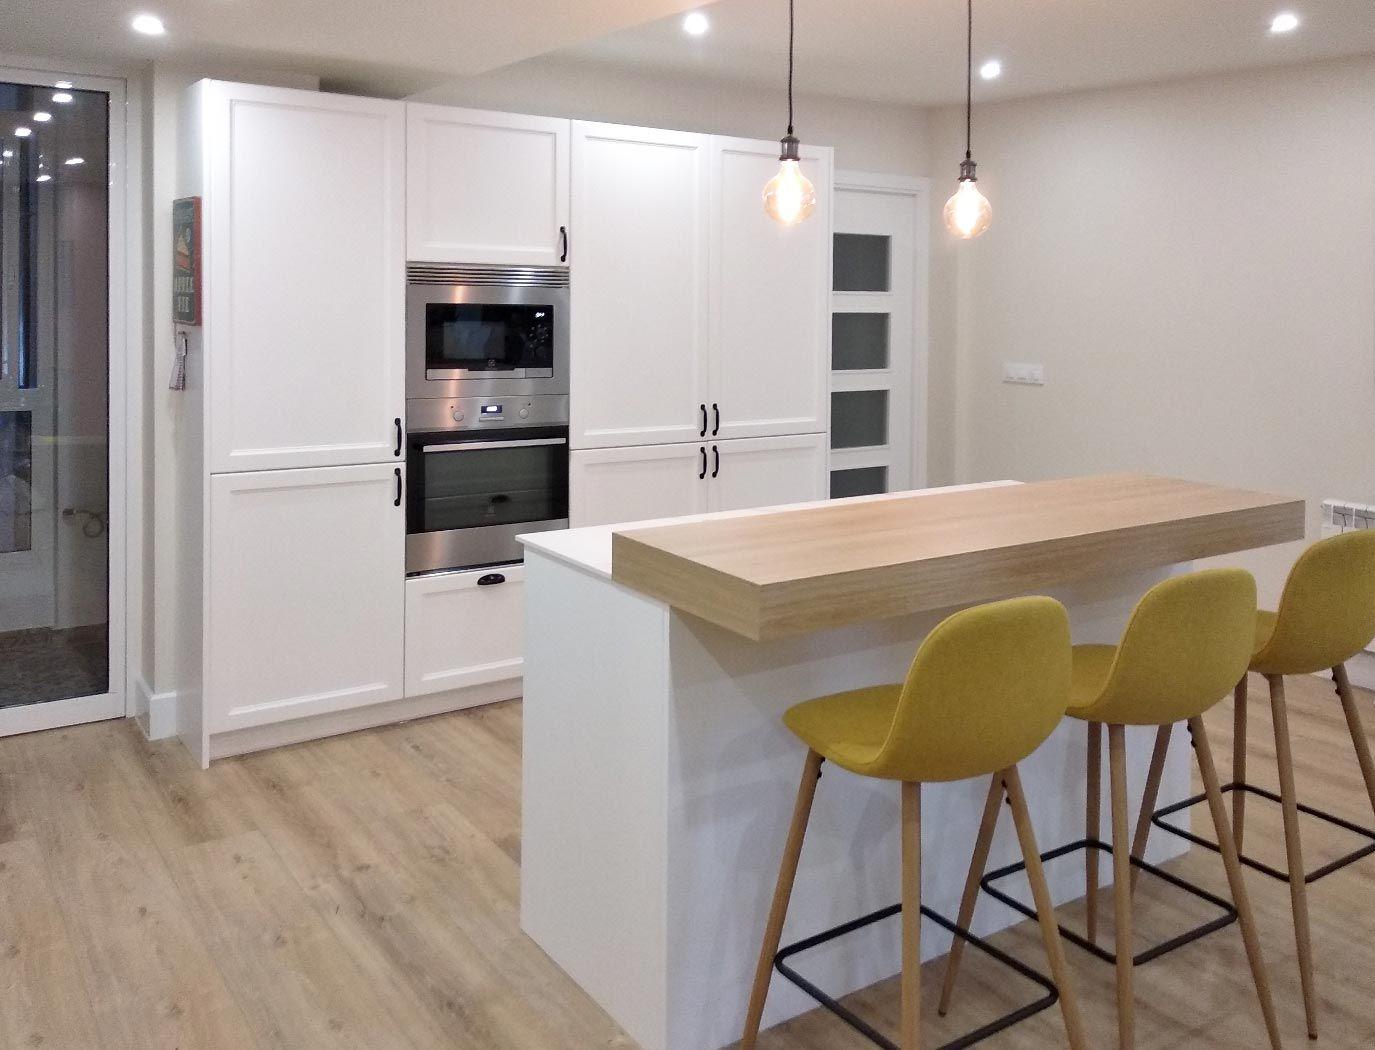 Cocina En Isla Con Frente De Muebles Columna Con Frigorifico Y Congelador Integrados Cocinas Abiertas Cocina Blanca Y Madera Cocinas De Casa